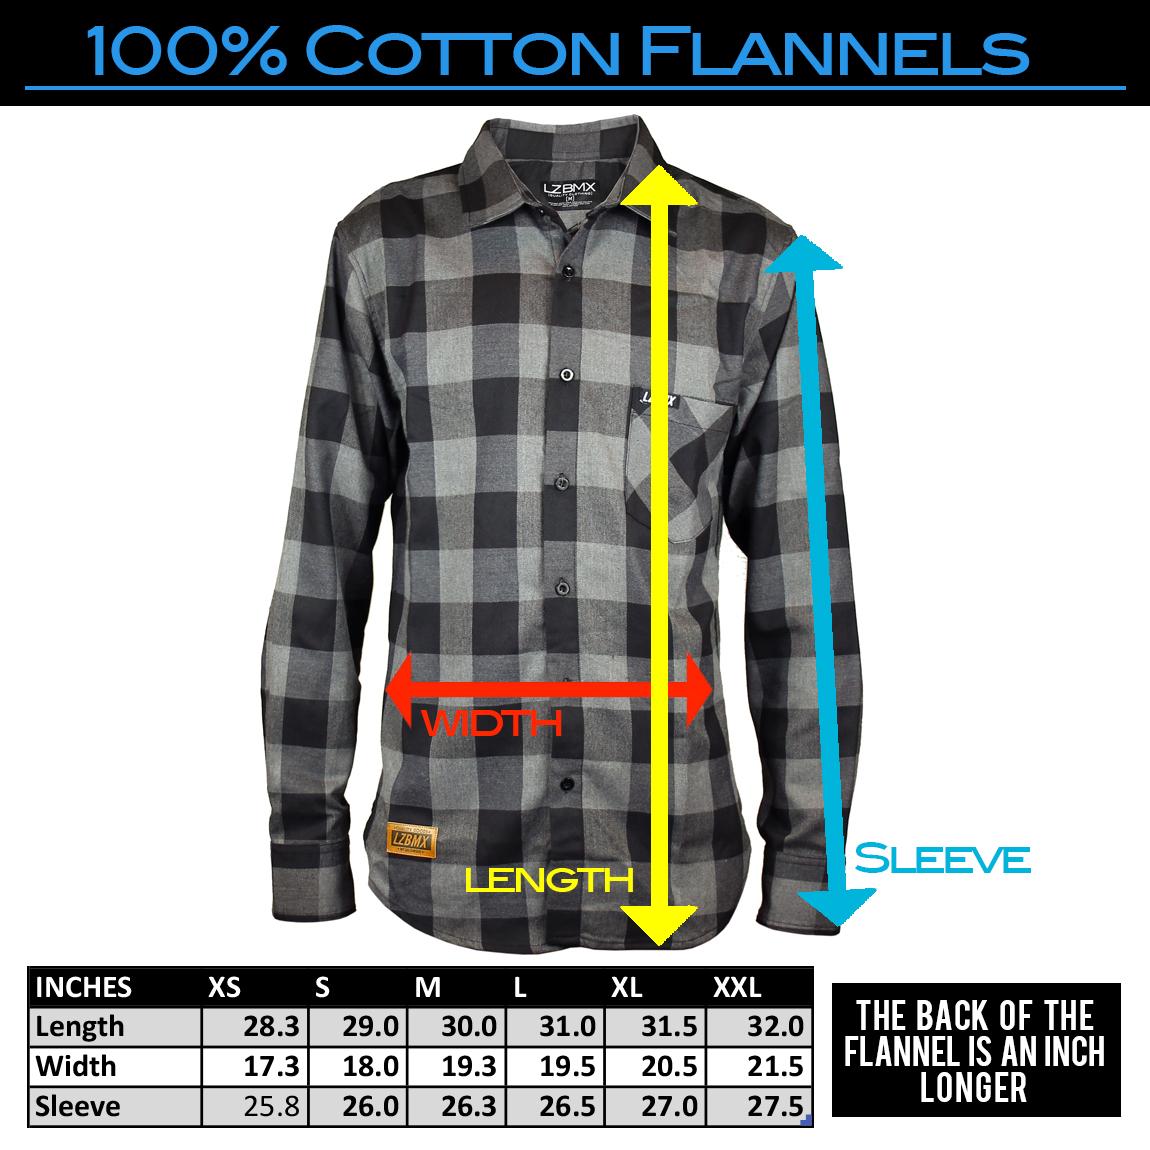 flannel-sizing.jpg